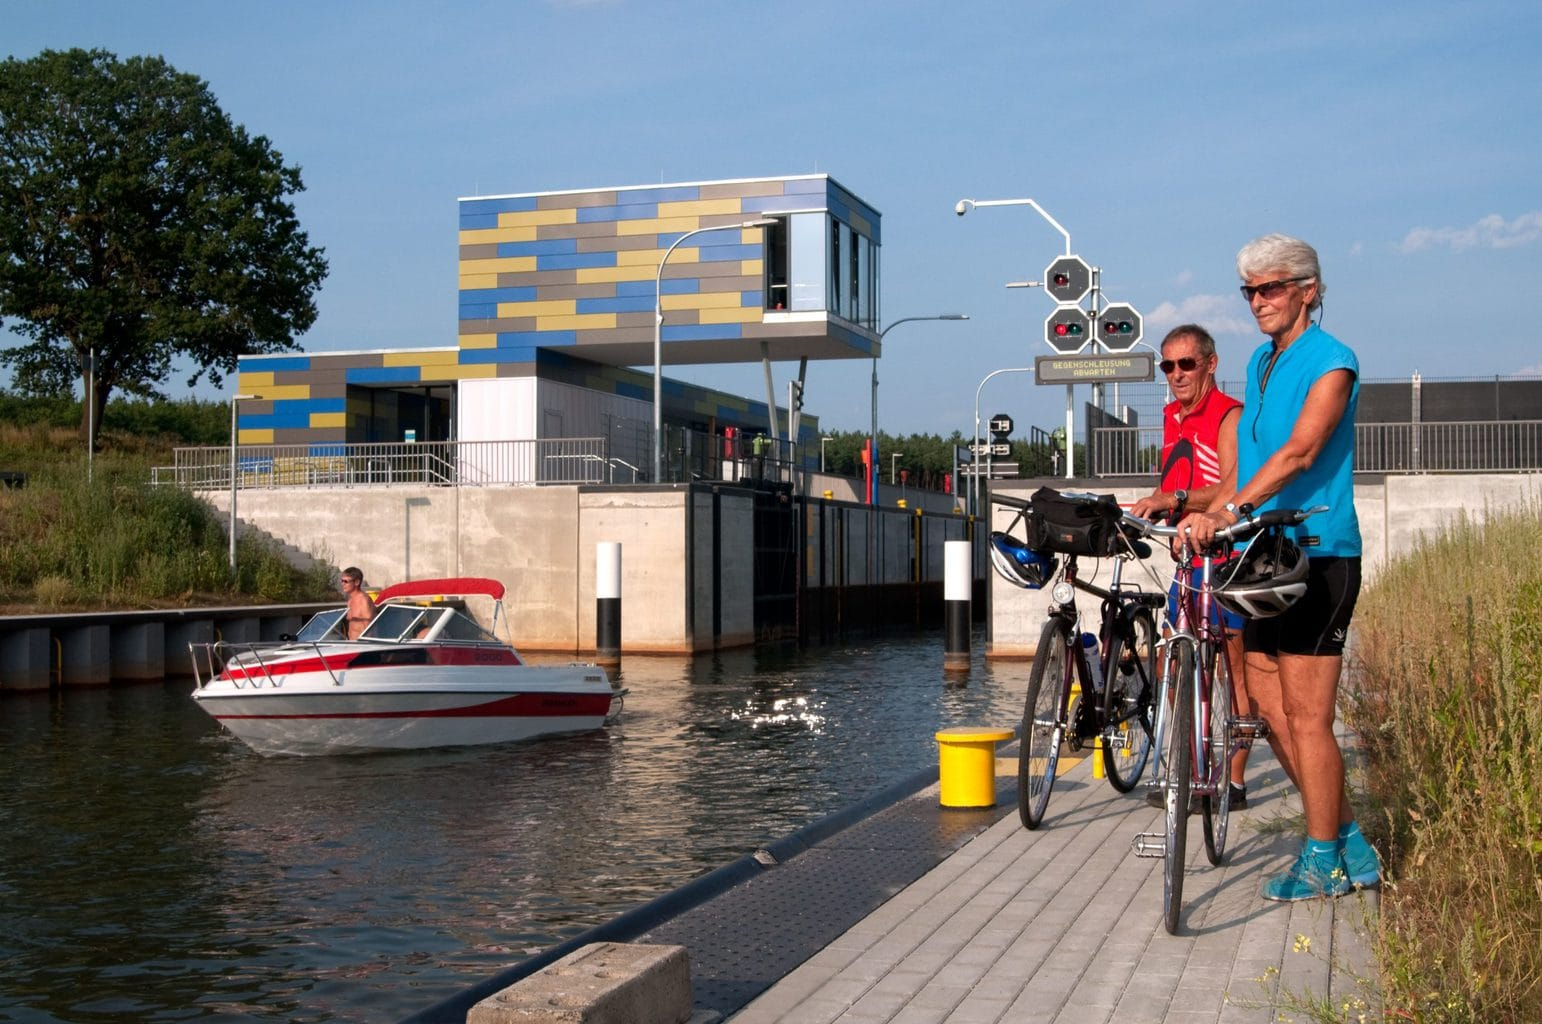 Twee fietsers wachten voor een sluis in de Lausitz